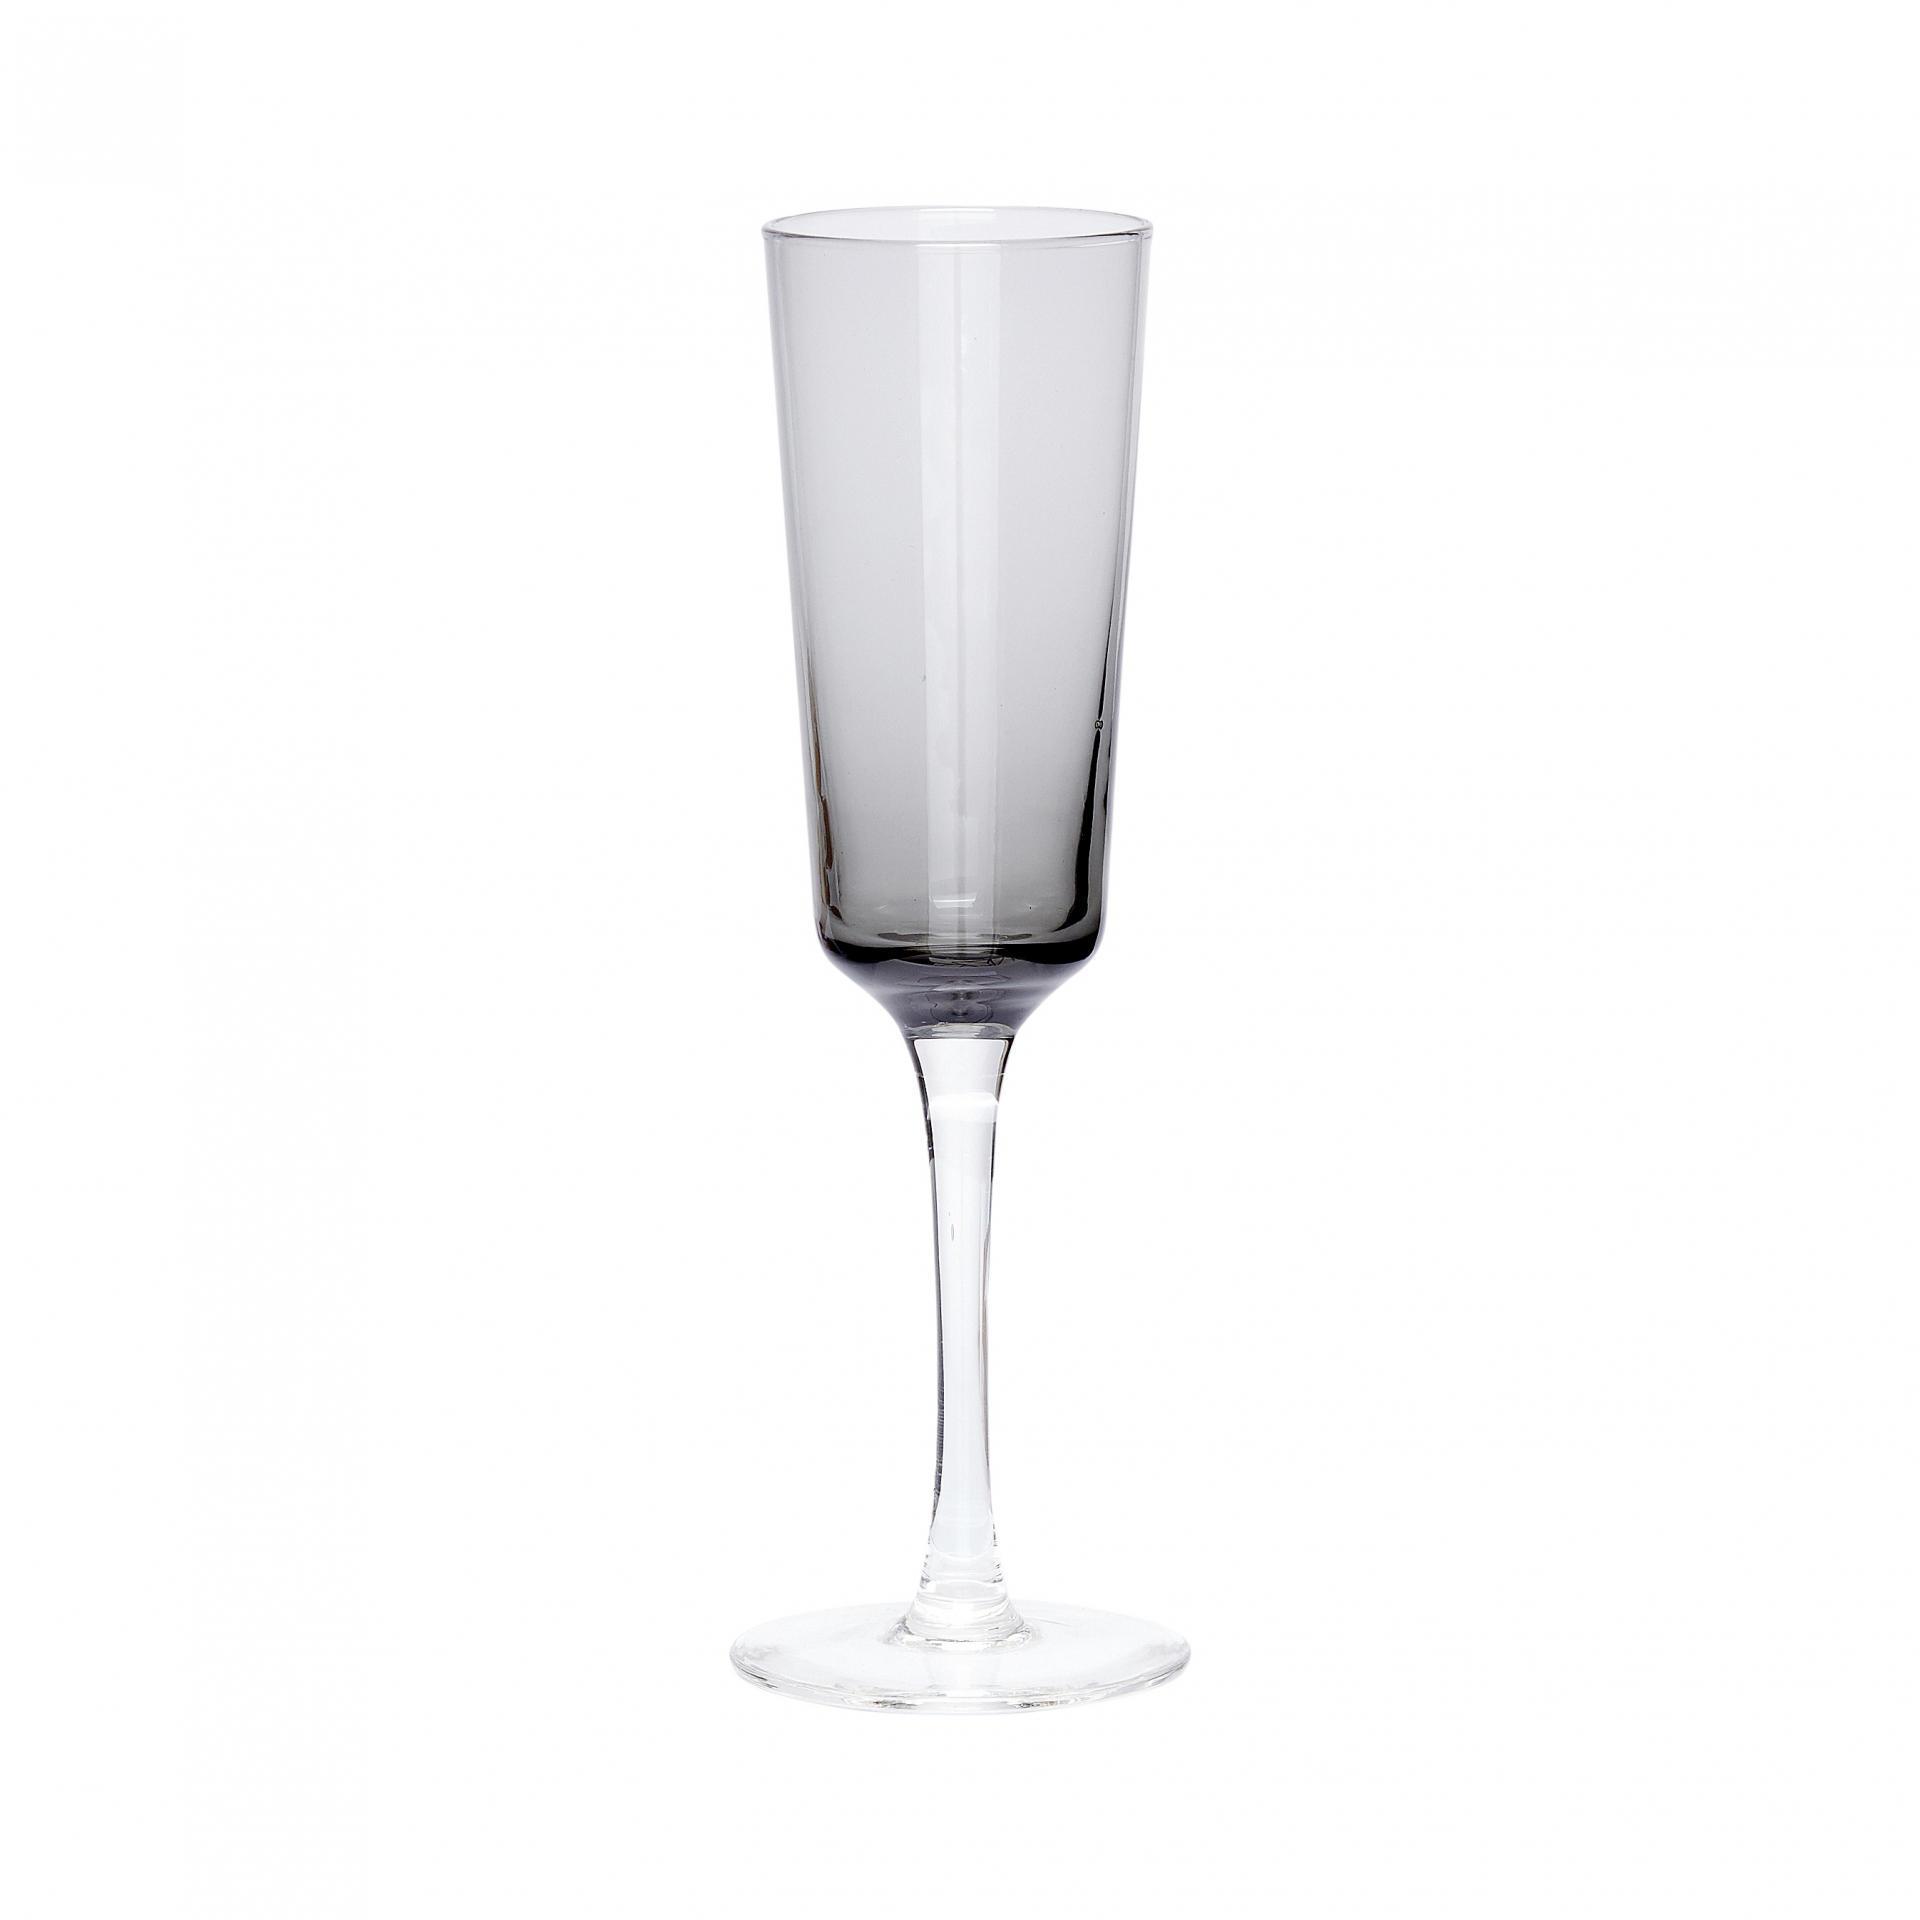 Hübsch Sklenička na šampaňské Grey, šedá barva, sklo